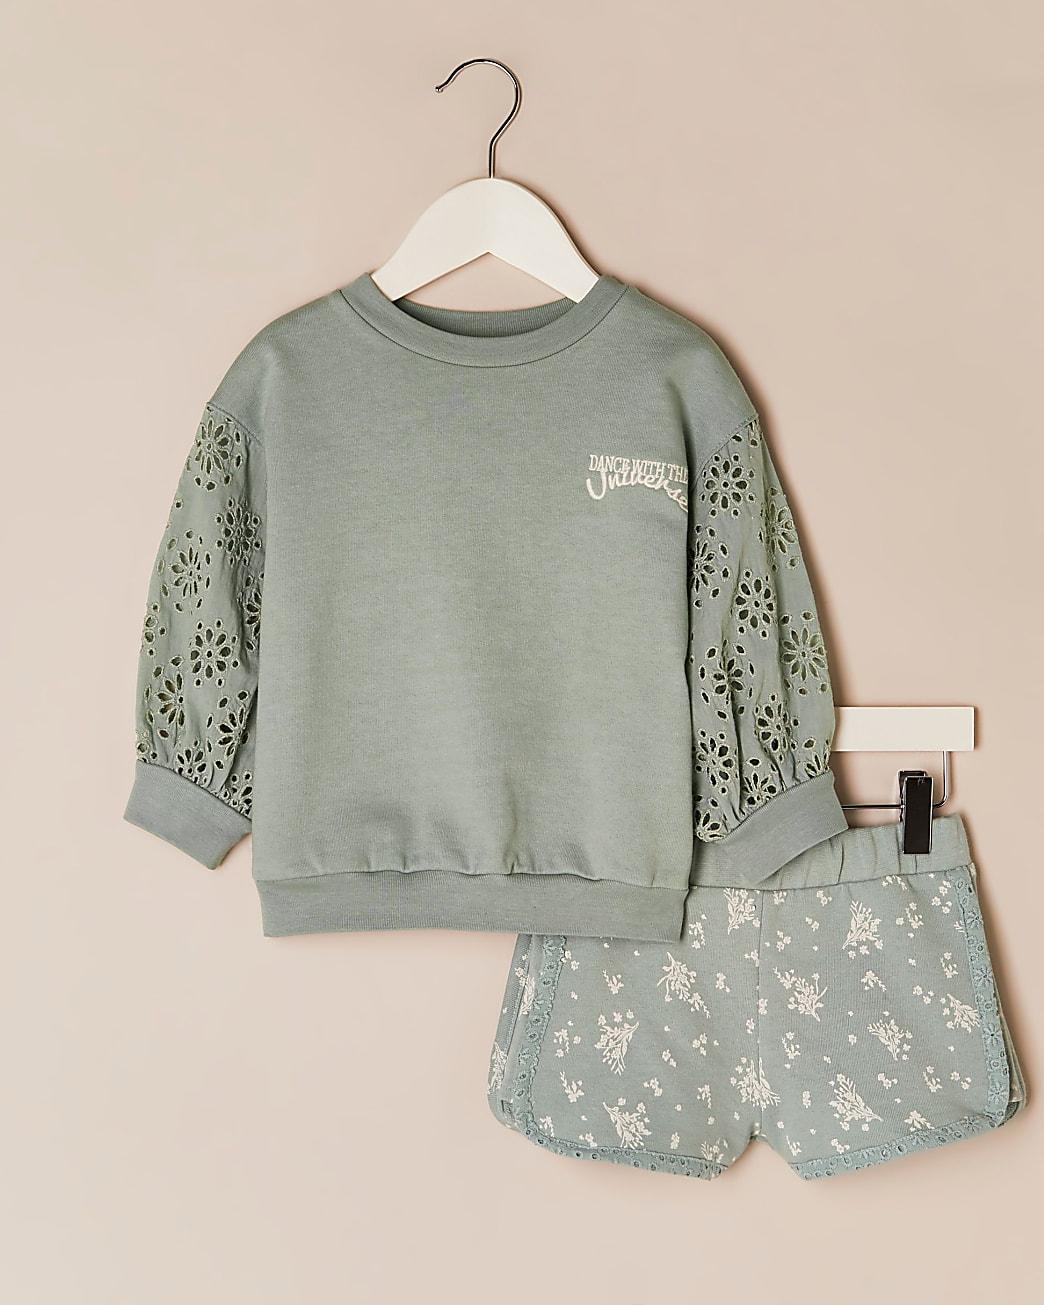 Mini girls green sweatshirt & shorts outfit